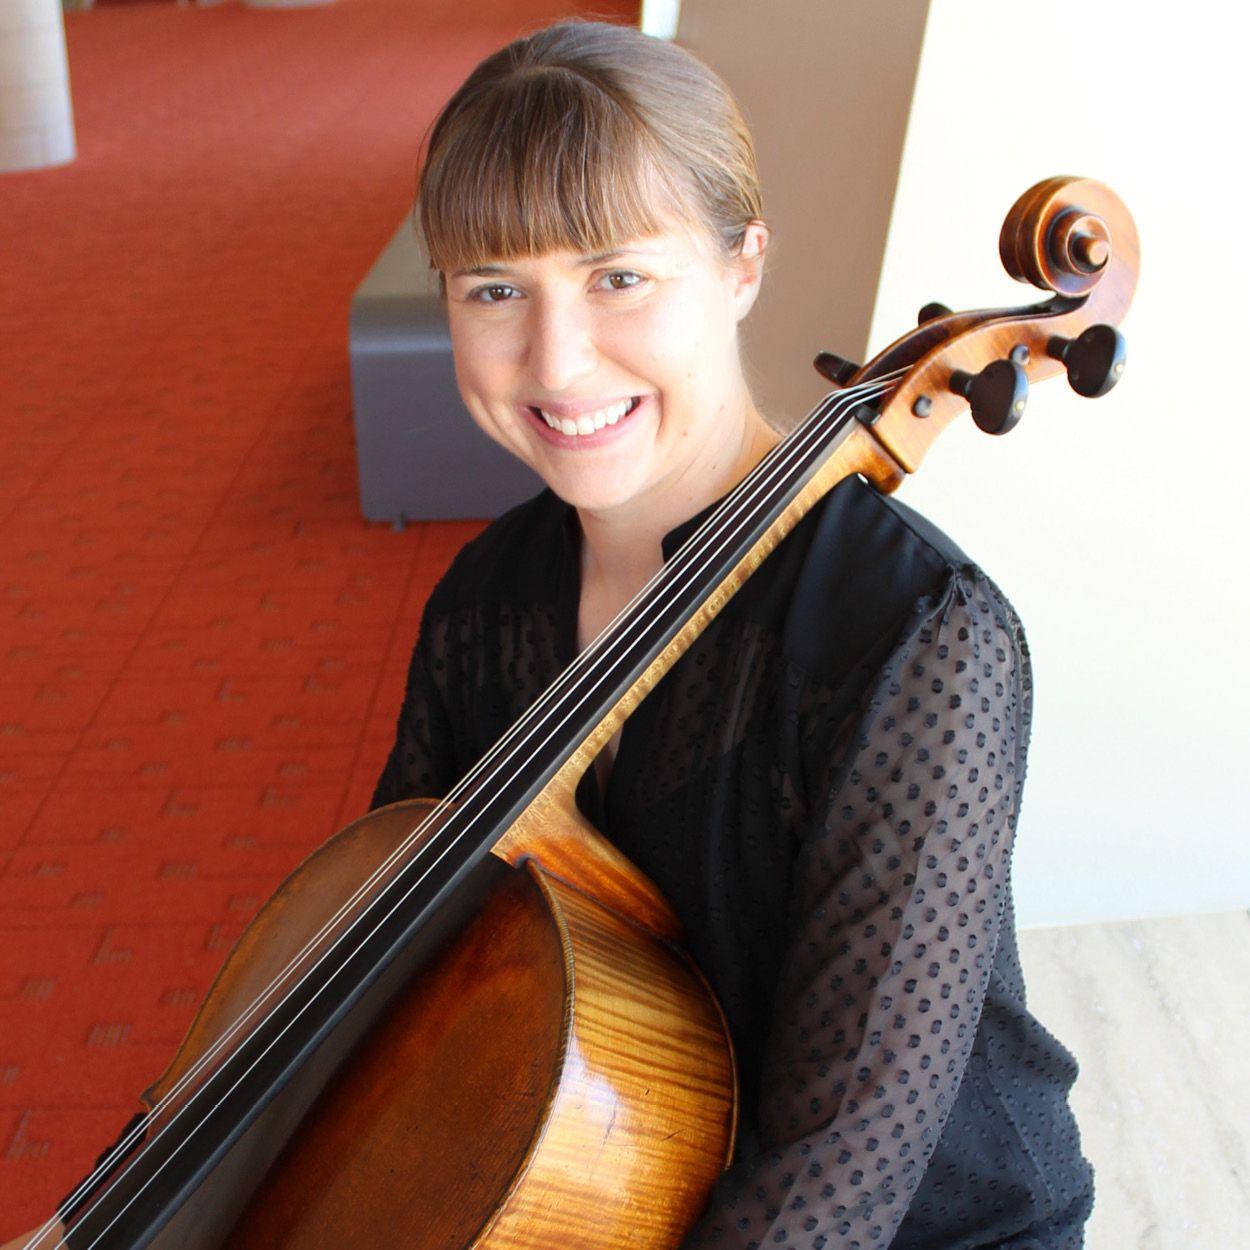 Amy Huzjak